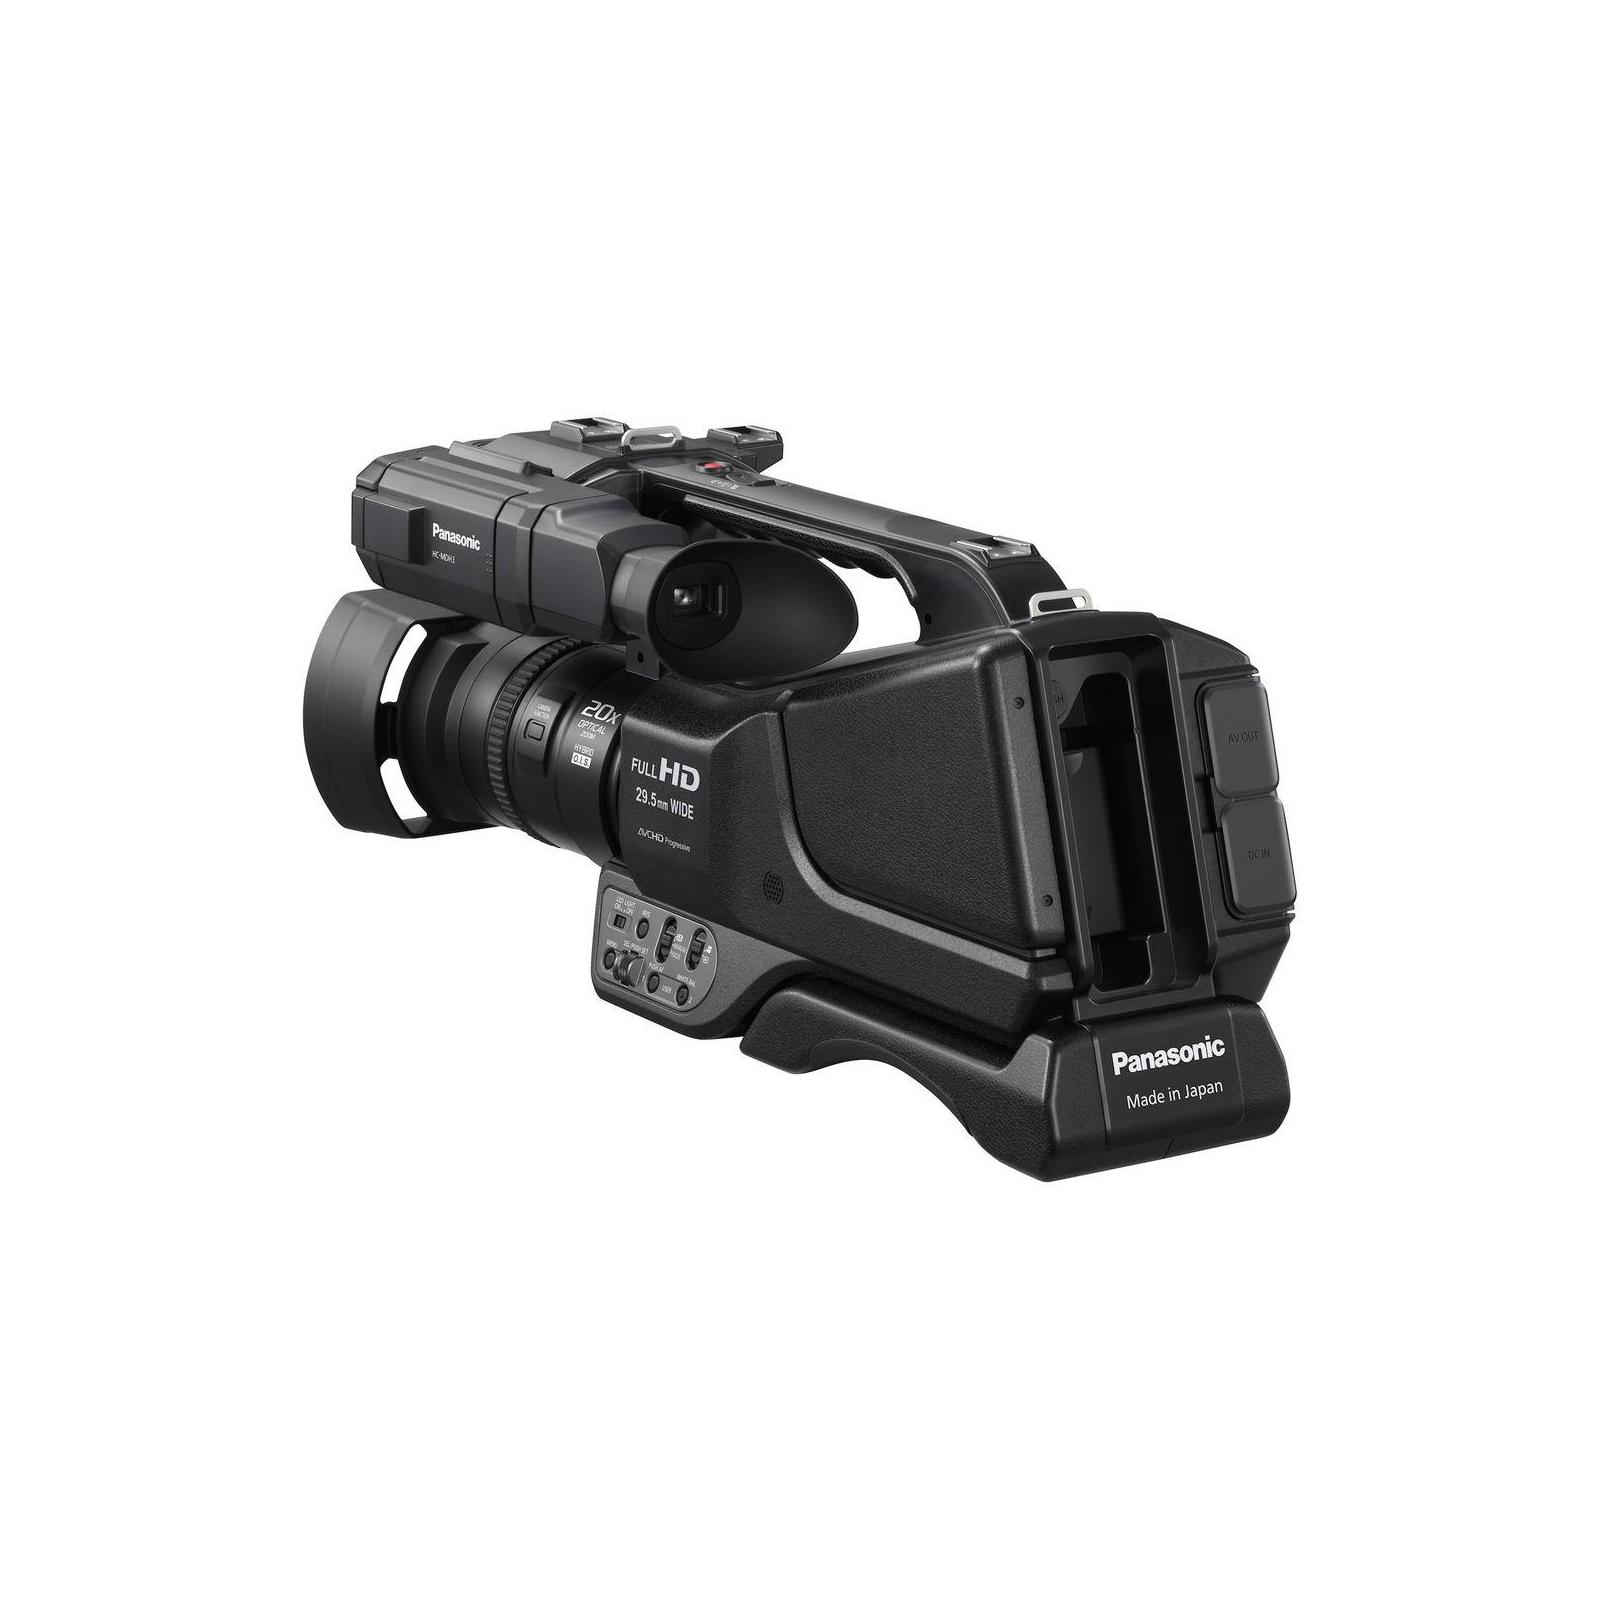 Цифровая видеокамера PANASONIC HC-MDH3E изображение 9